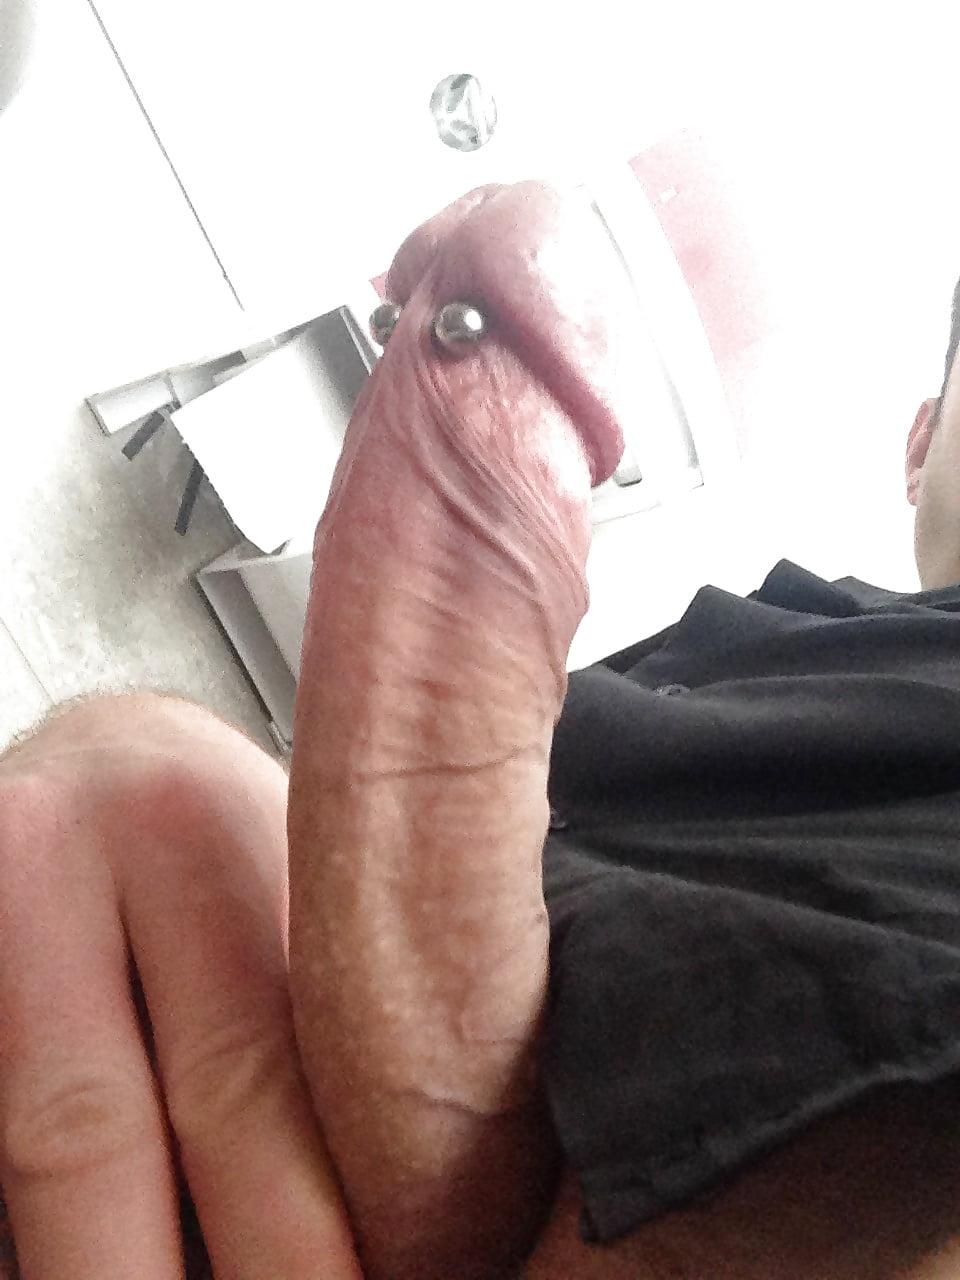 Piercing penis frenum Frenum Non